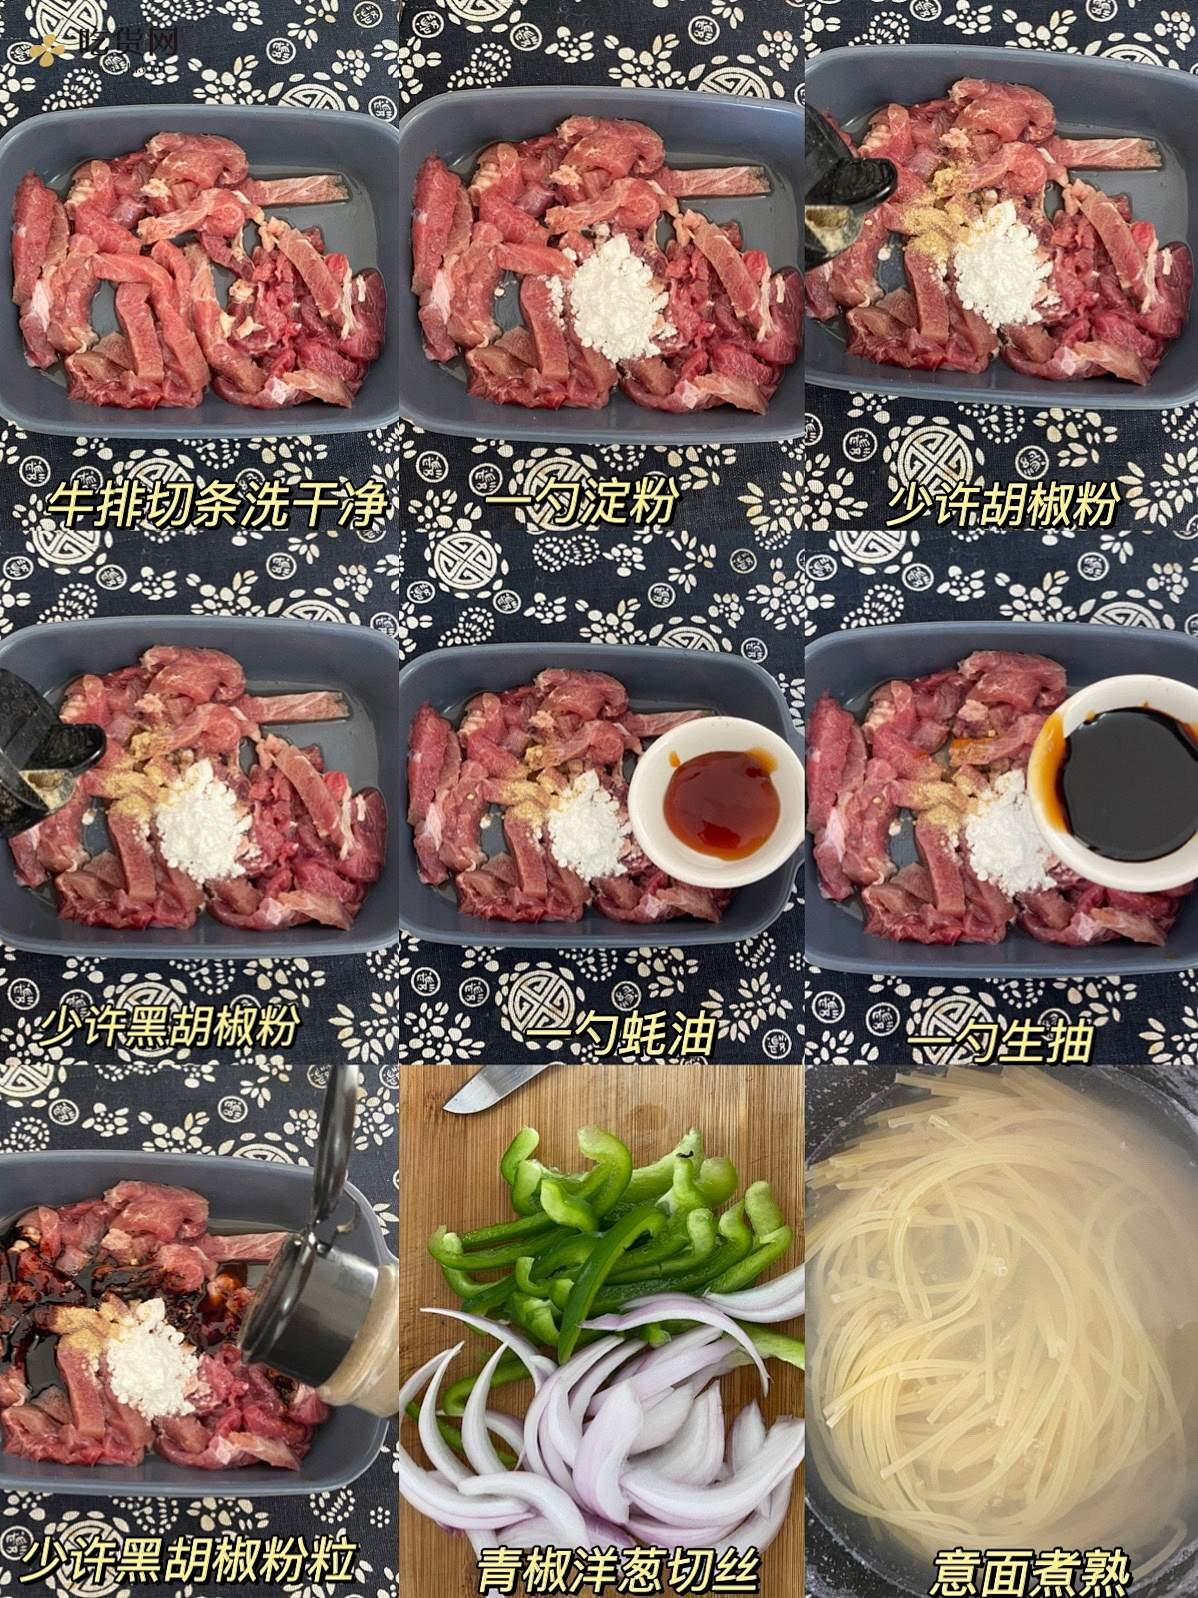 黑椒牛柳意面的做法 步骤1